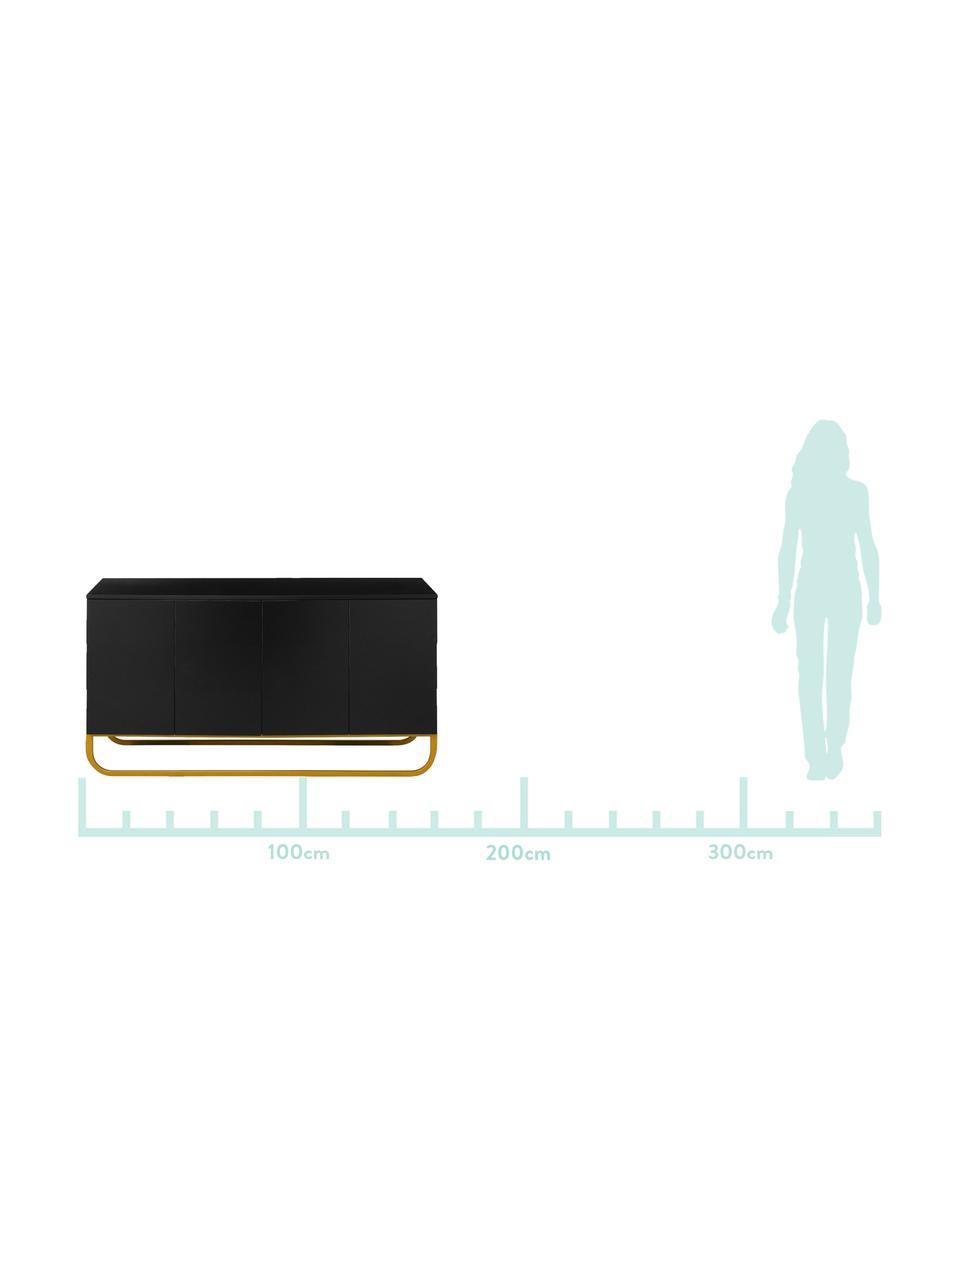 Klassisches Sideboard Sanford mit Türen in Schwarz, Korpus: Mitteldichte Holzfaserpla, Fußgestell: Metall, pulverbeschichtet, Korpus: Schwarz, mattFußgestell: Goldfarben, matt, 160 x 83 cm